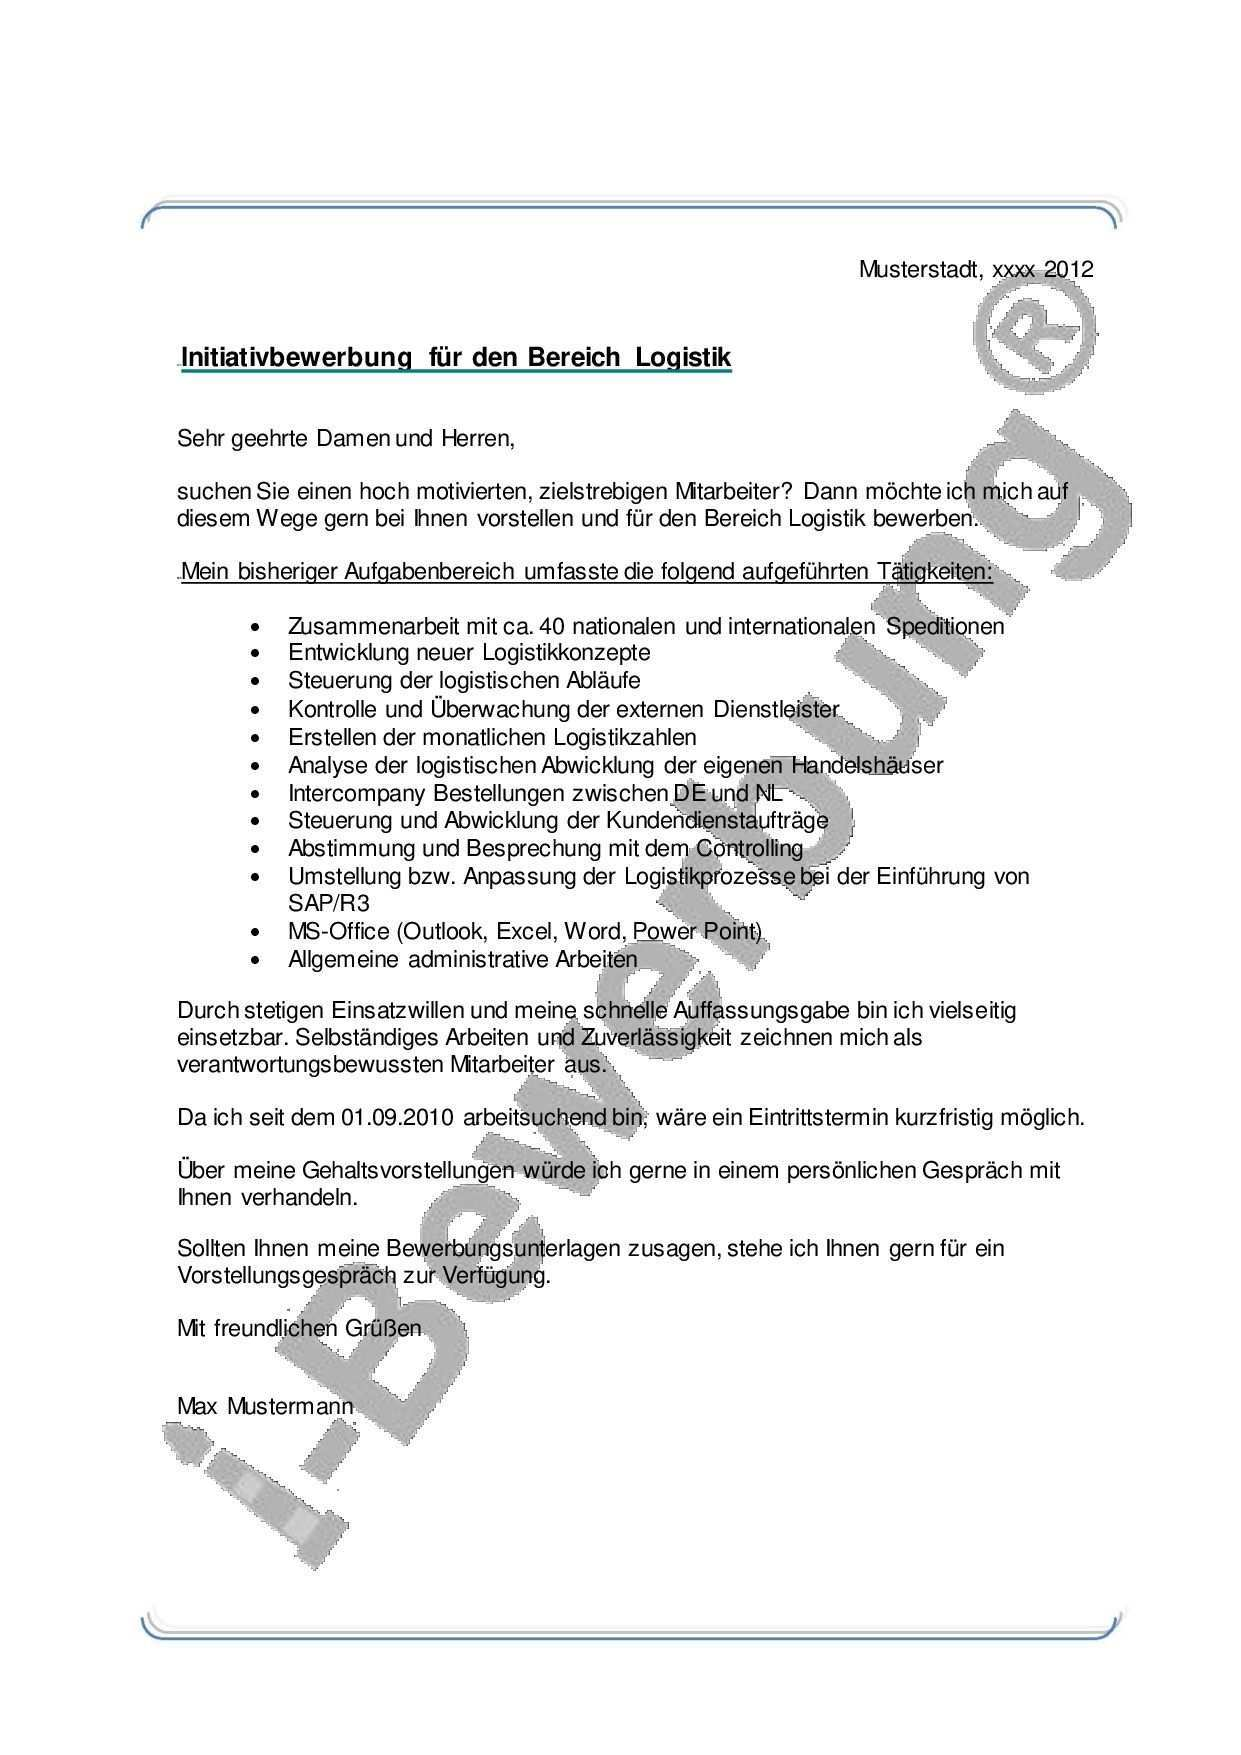 Muster Anschreiben Zur Initiativbewerbung Bereich Logistik Bewerbung Lebenslauf Anschreiben